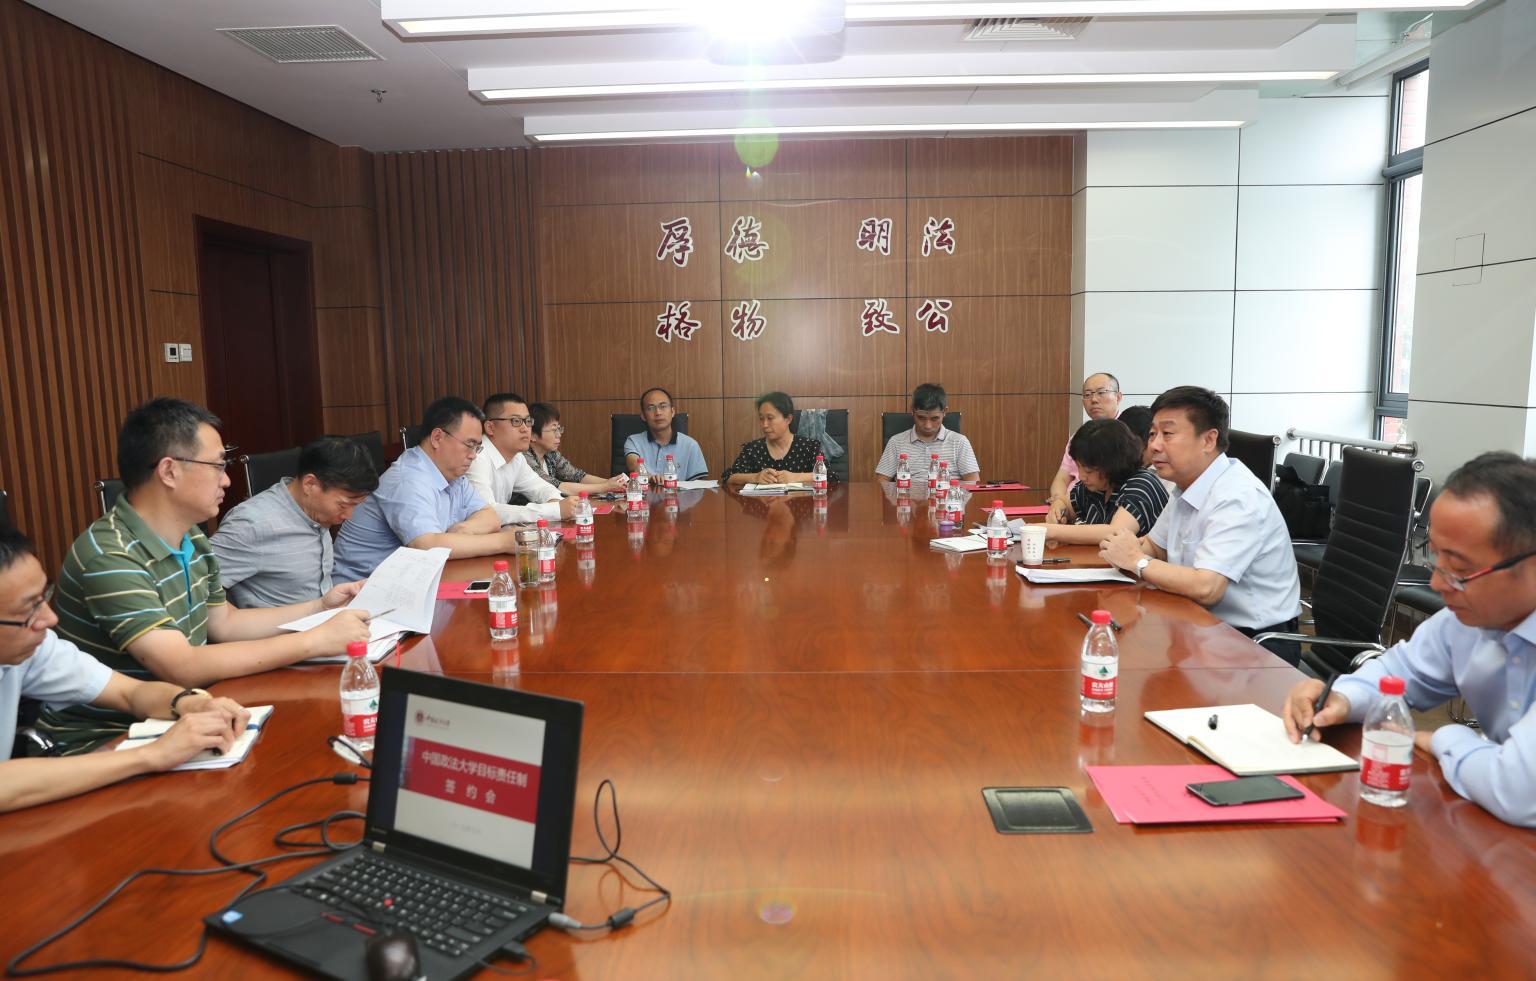 学校岗位目标责任制_定目标 明责任 促发展——我校举行目标责任制签约会-中国政法 ...